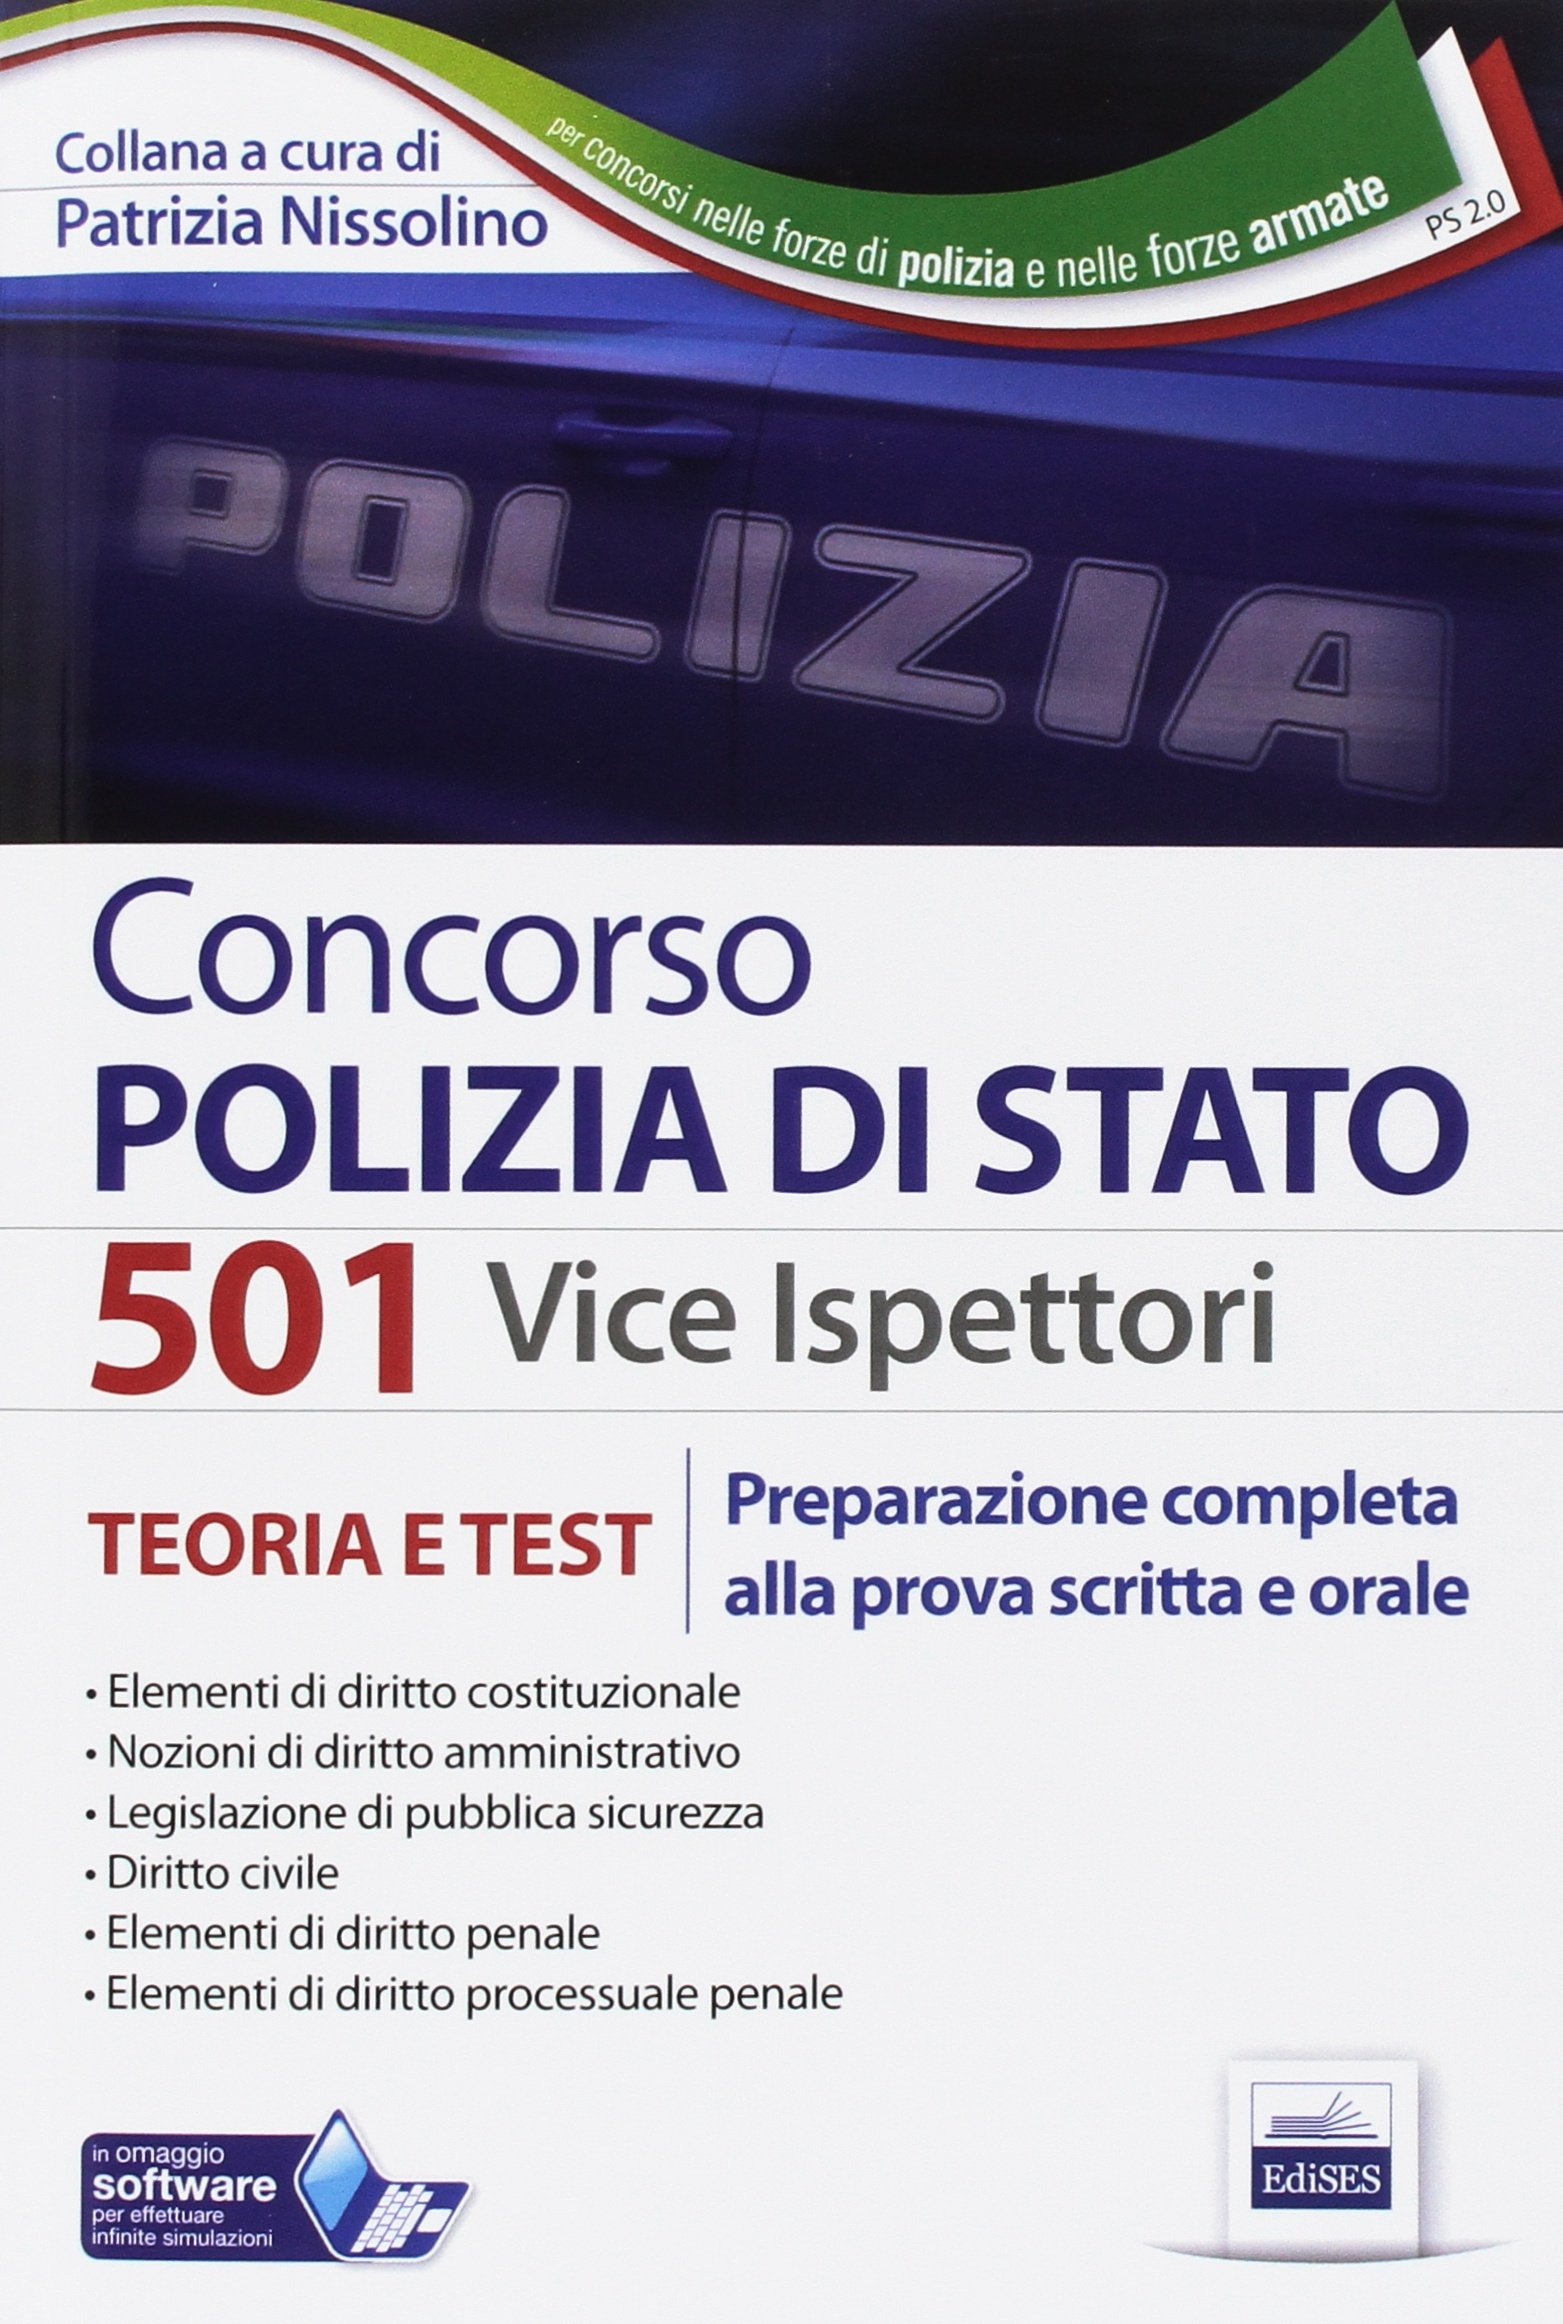 Concorso 501 vice ispettori polizia di Stato. Preparazione completa alla prova scritta e orale